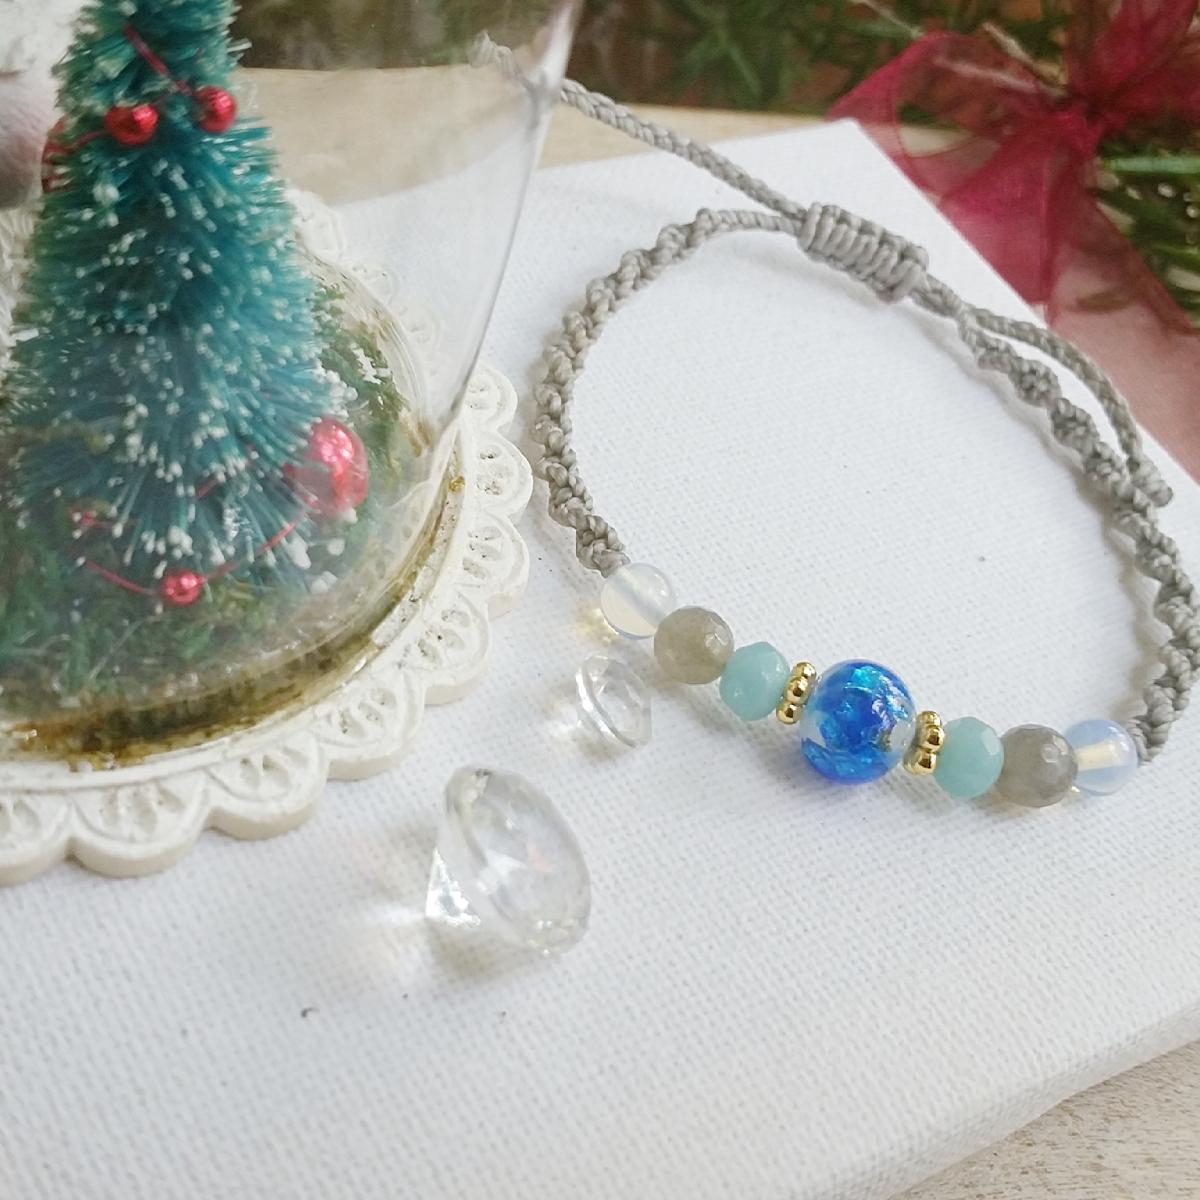 ハンドメイド マクラメ編み ブレスレット ラブラドライト アマゾナイト ガラスオパール クリスマス ワックスコード